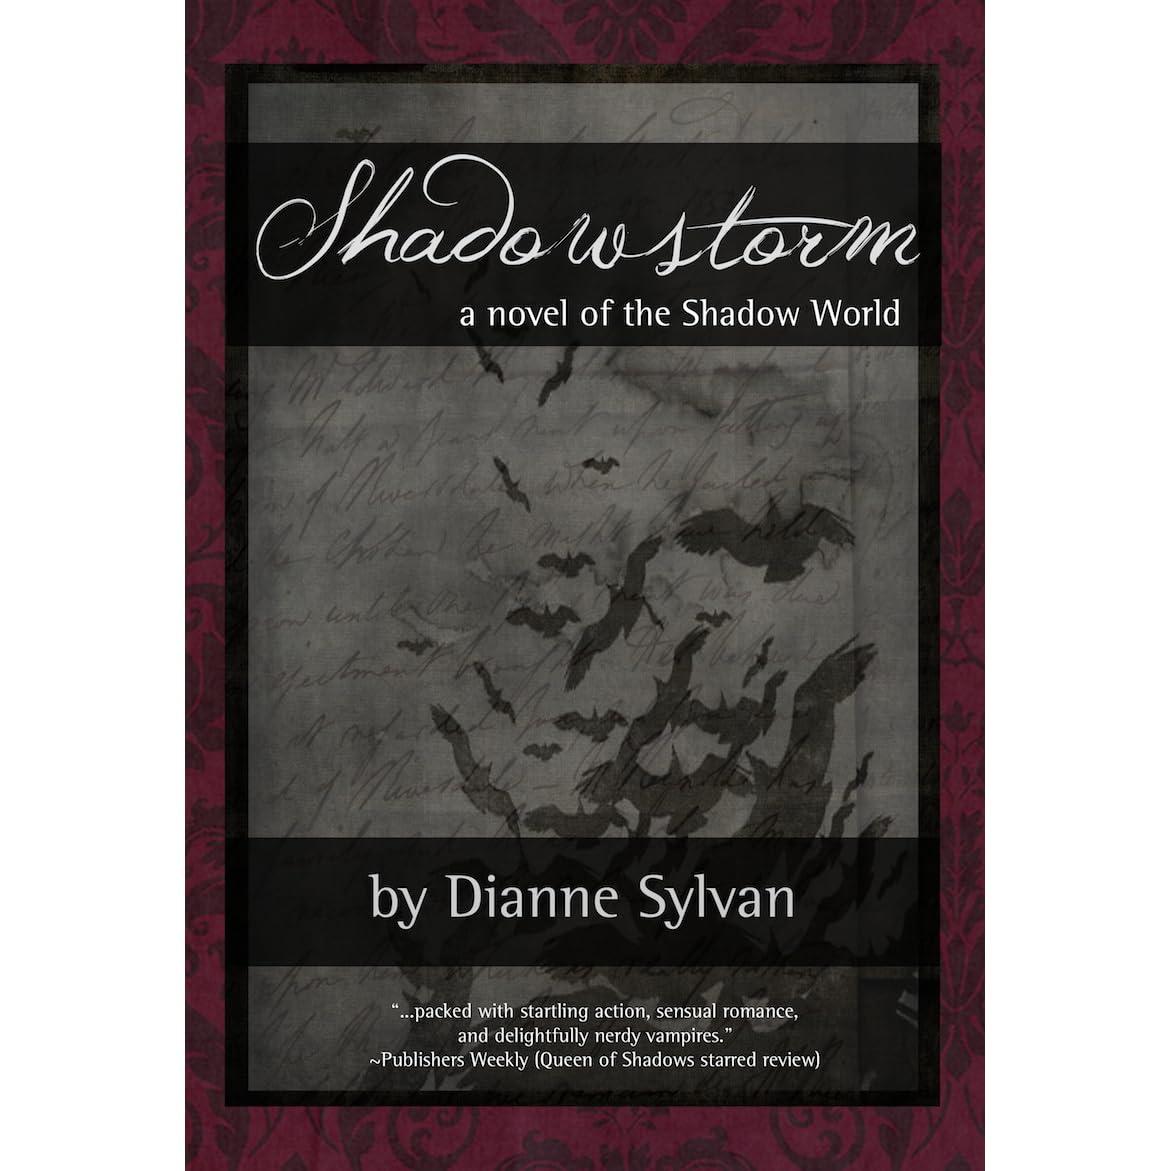 Shadowstorm (Shadow World, #6) by Dianne Sylvan